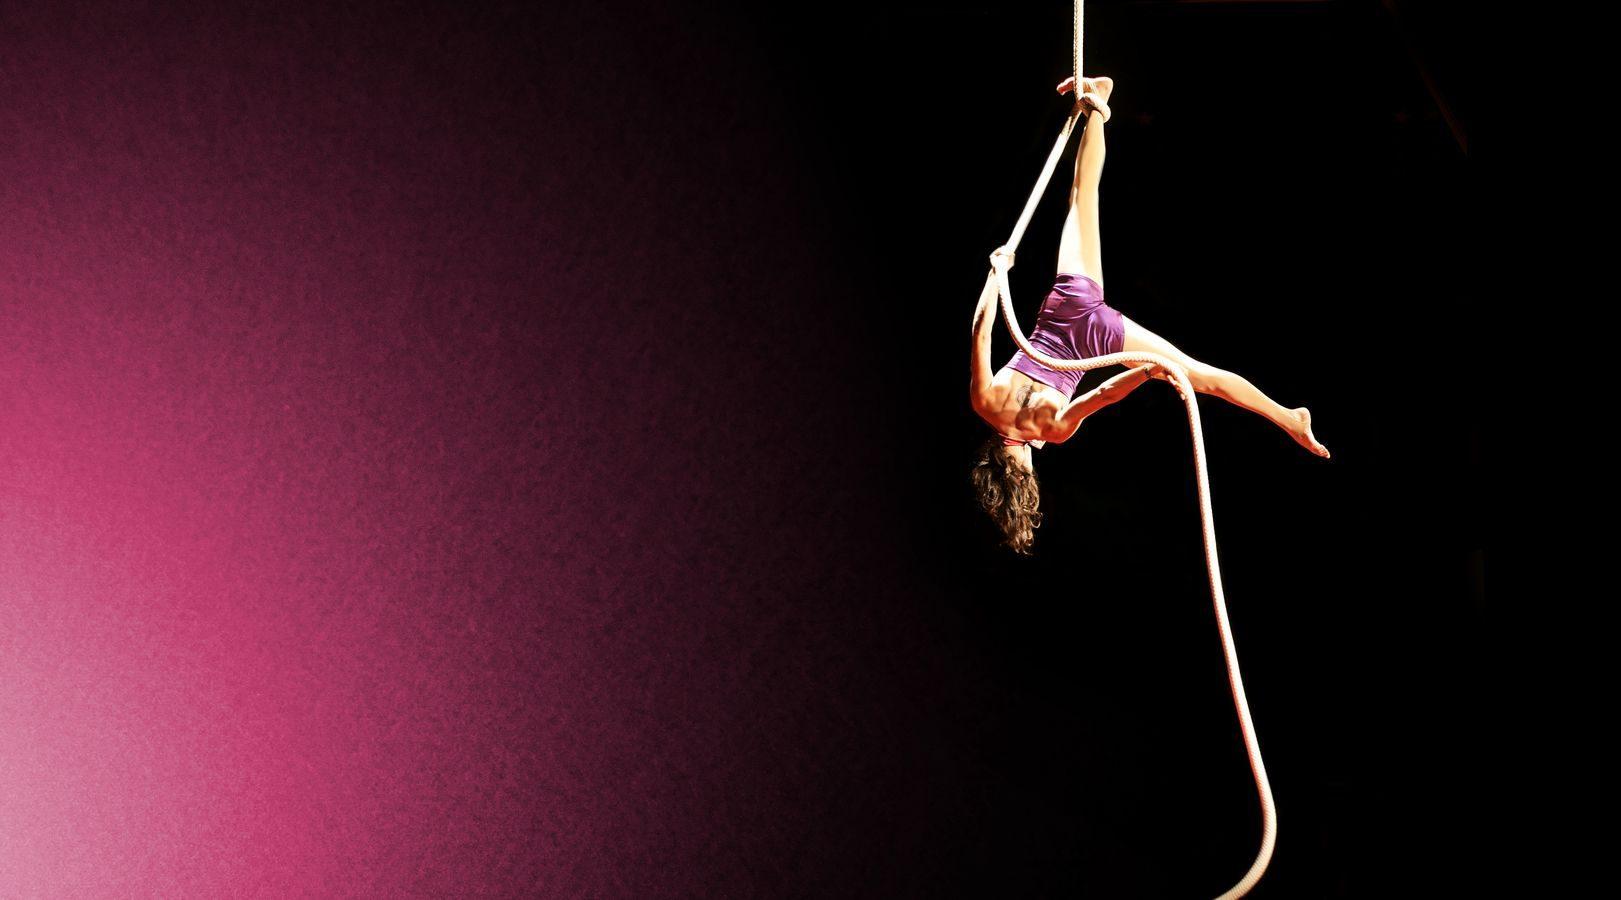 Quand la corde voit la vie en rose